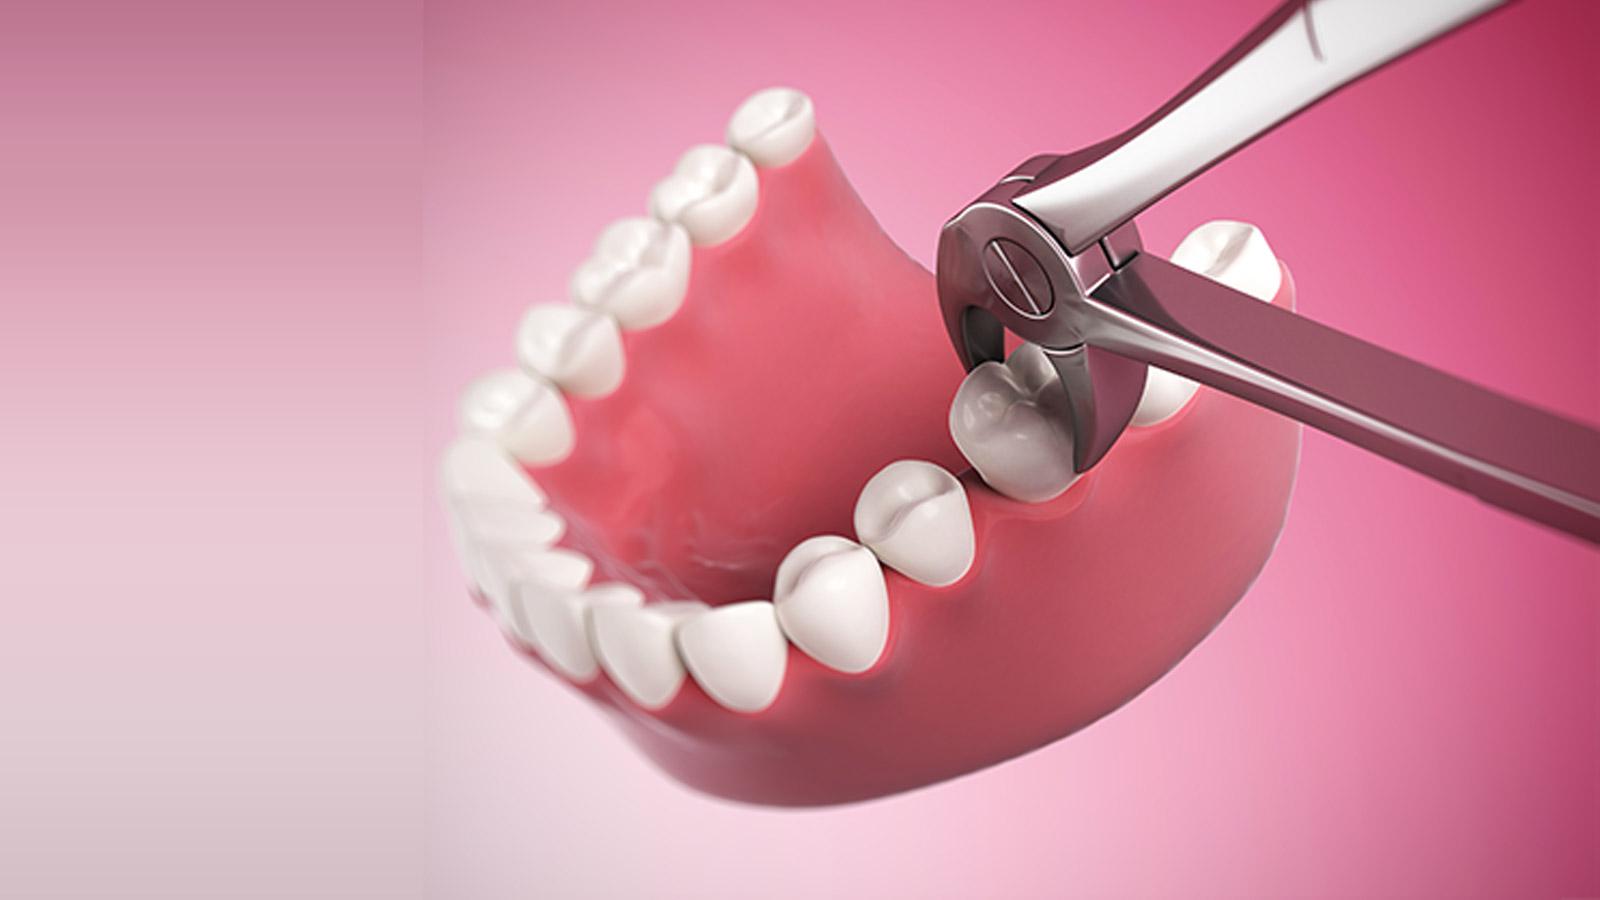 کشیدن دندان، بخشی از درمان ارتودنسی